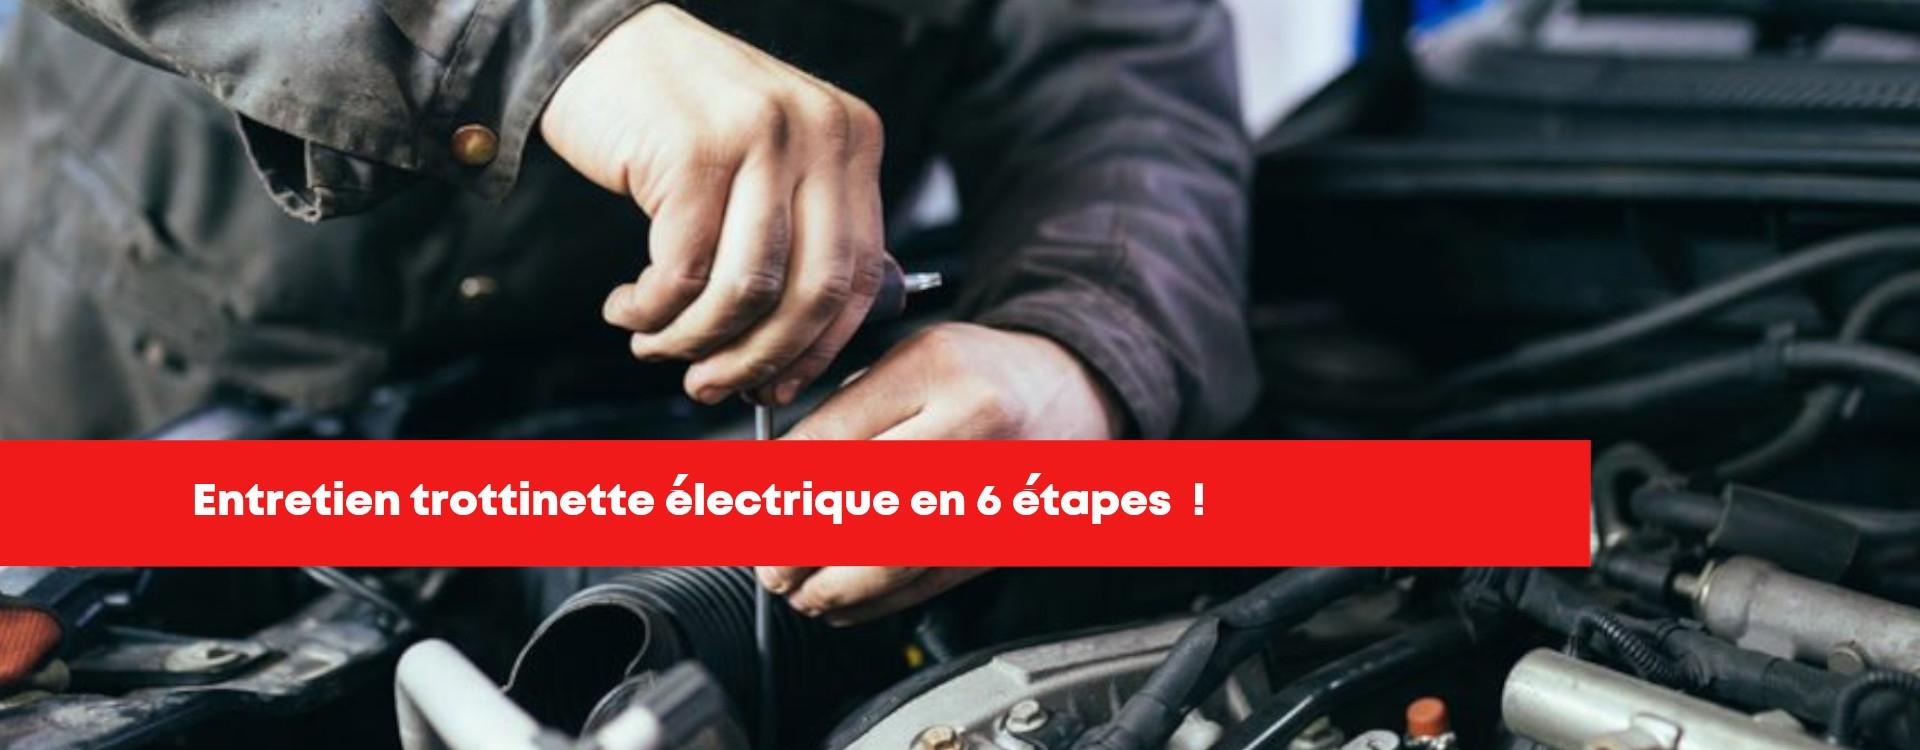 Entretien trottinette électrique en 6 étapes !